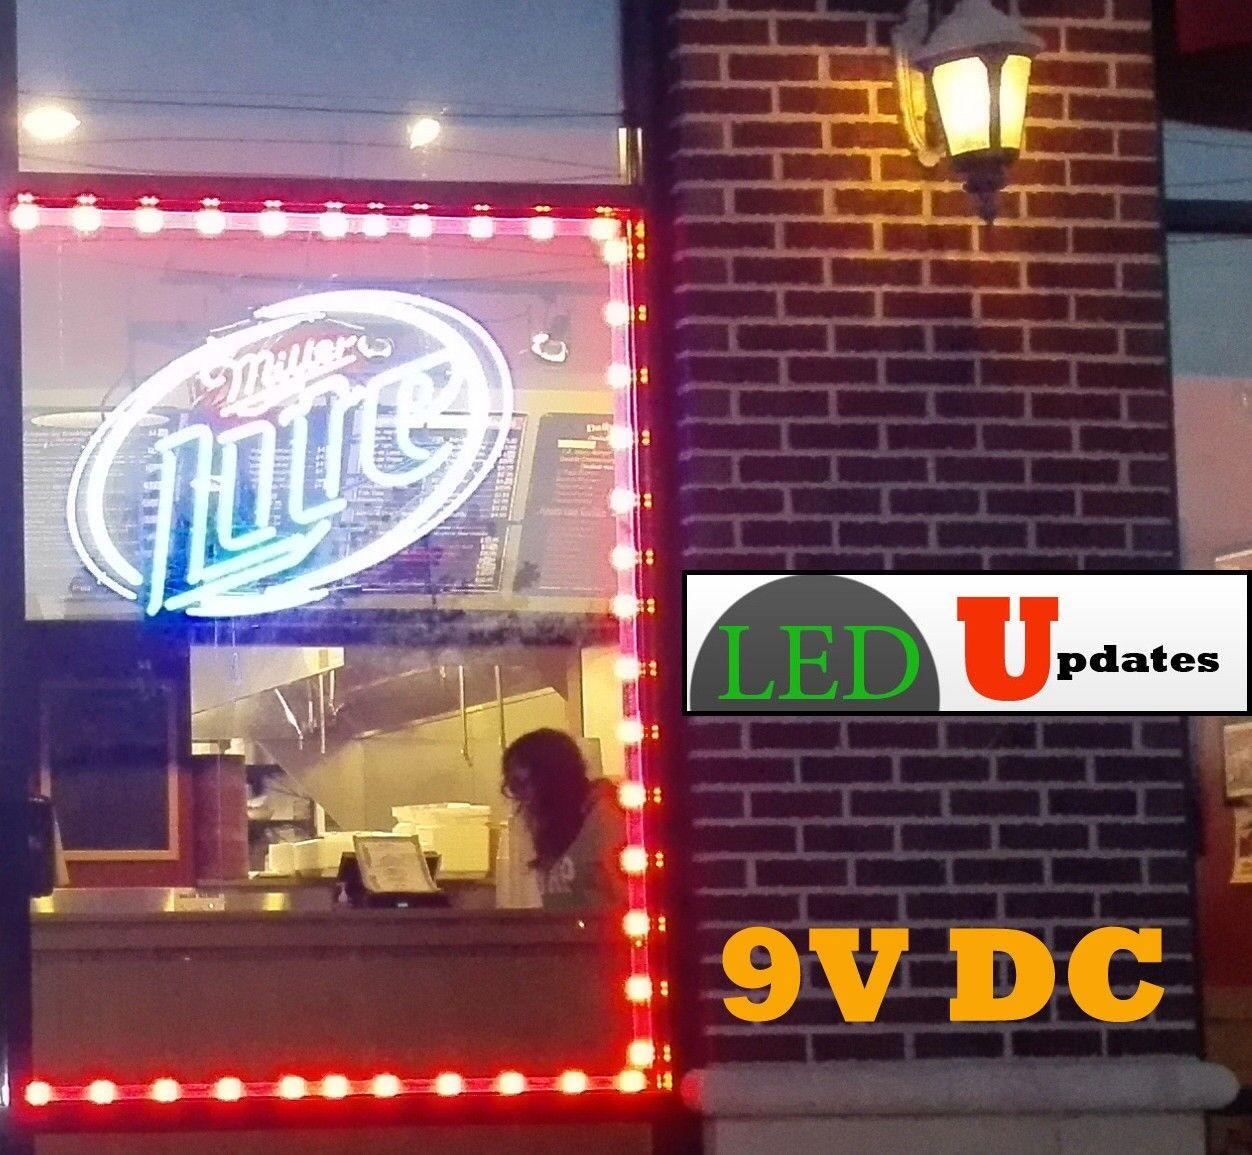 50ft Storefront LED Window Light rot 9V with UL power Supply LEDupdates